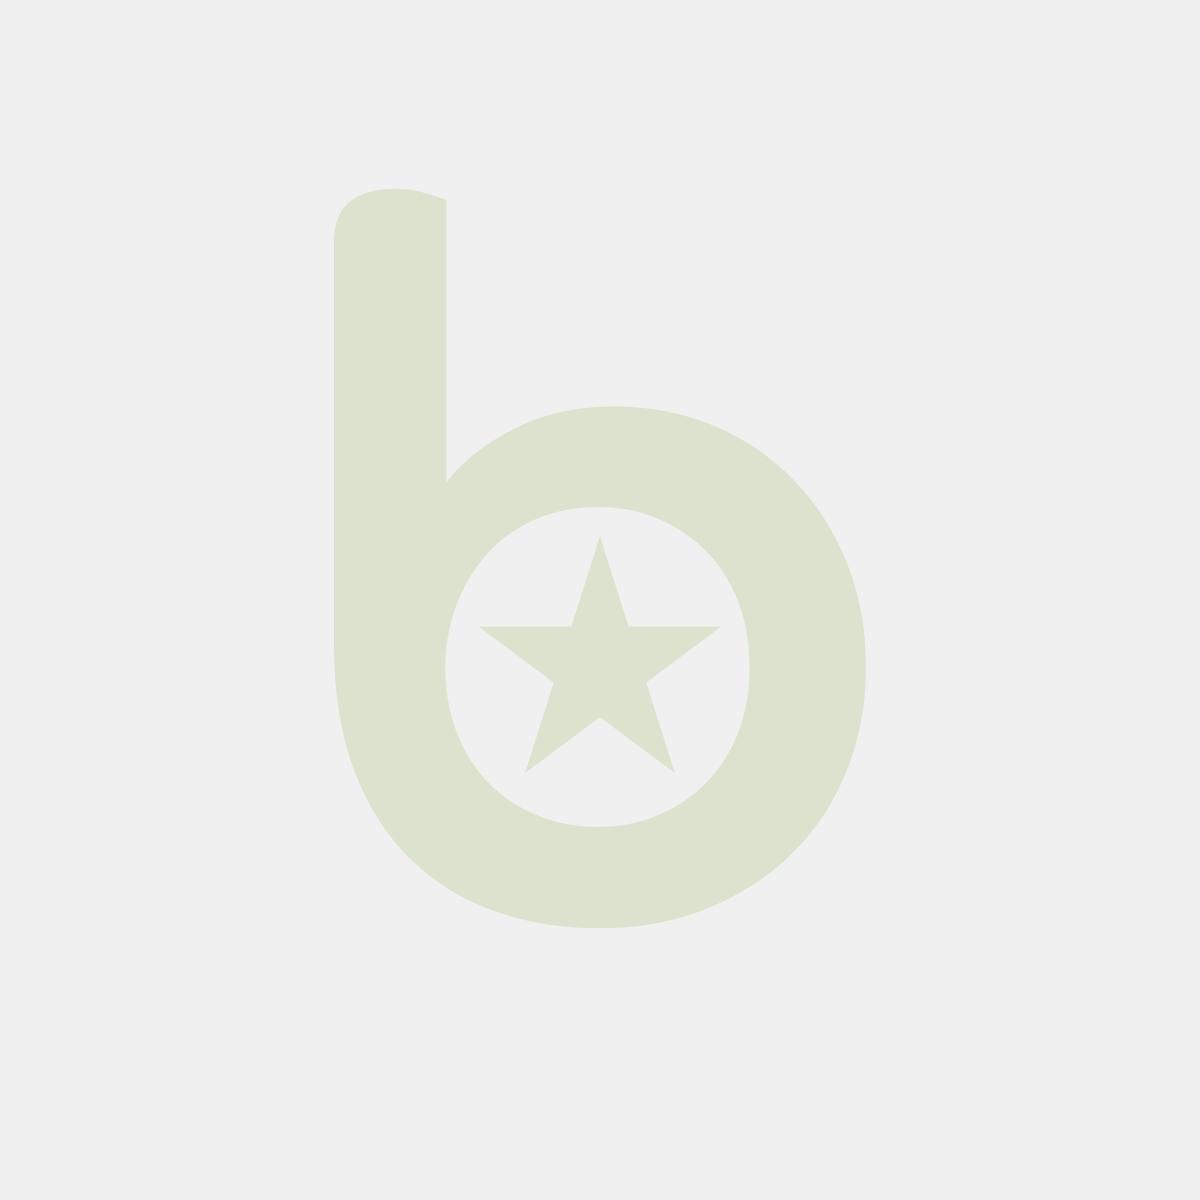 MIÓD W SASZETKACH UNIWERSALNYCH Naturalny miód wielokwiatowy 10g, dyspenser 60szt